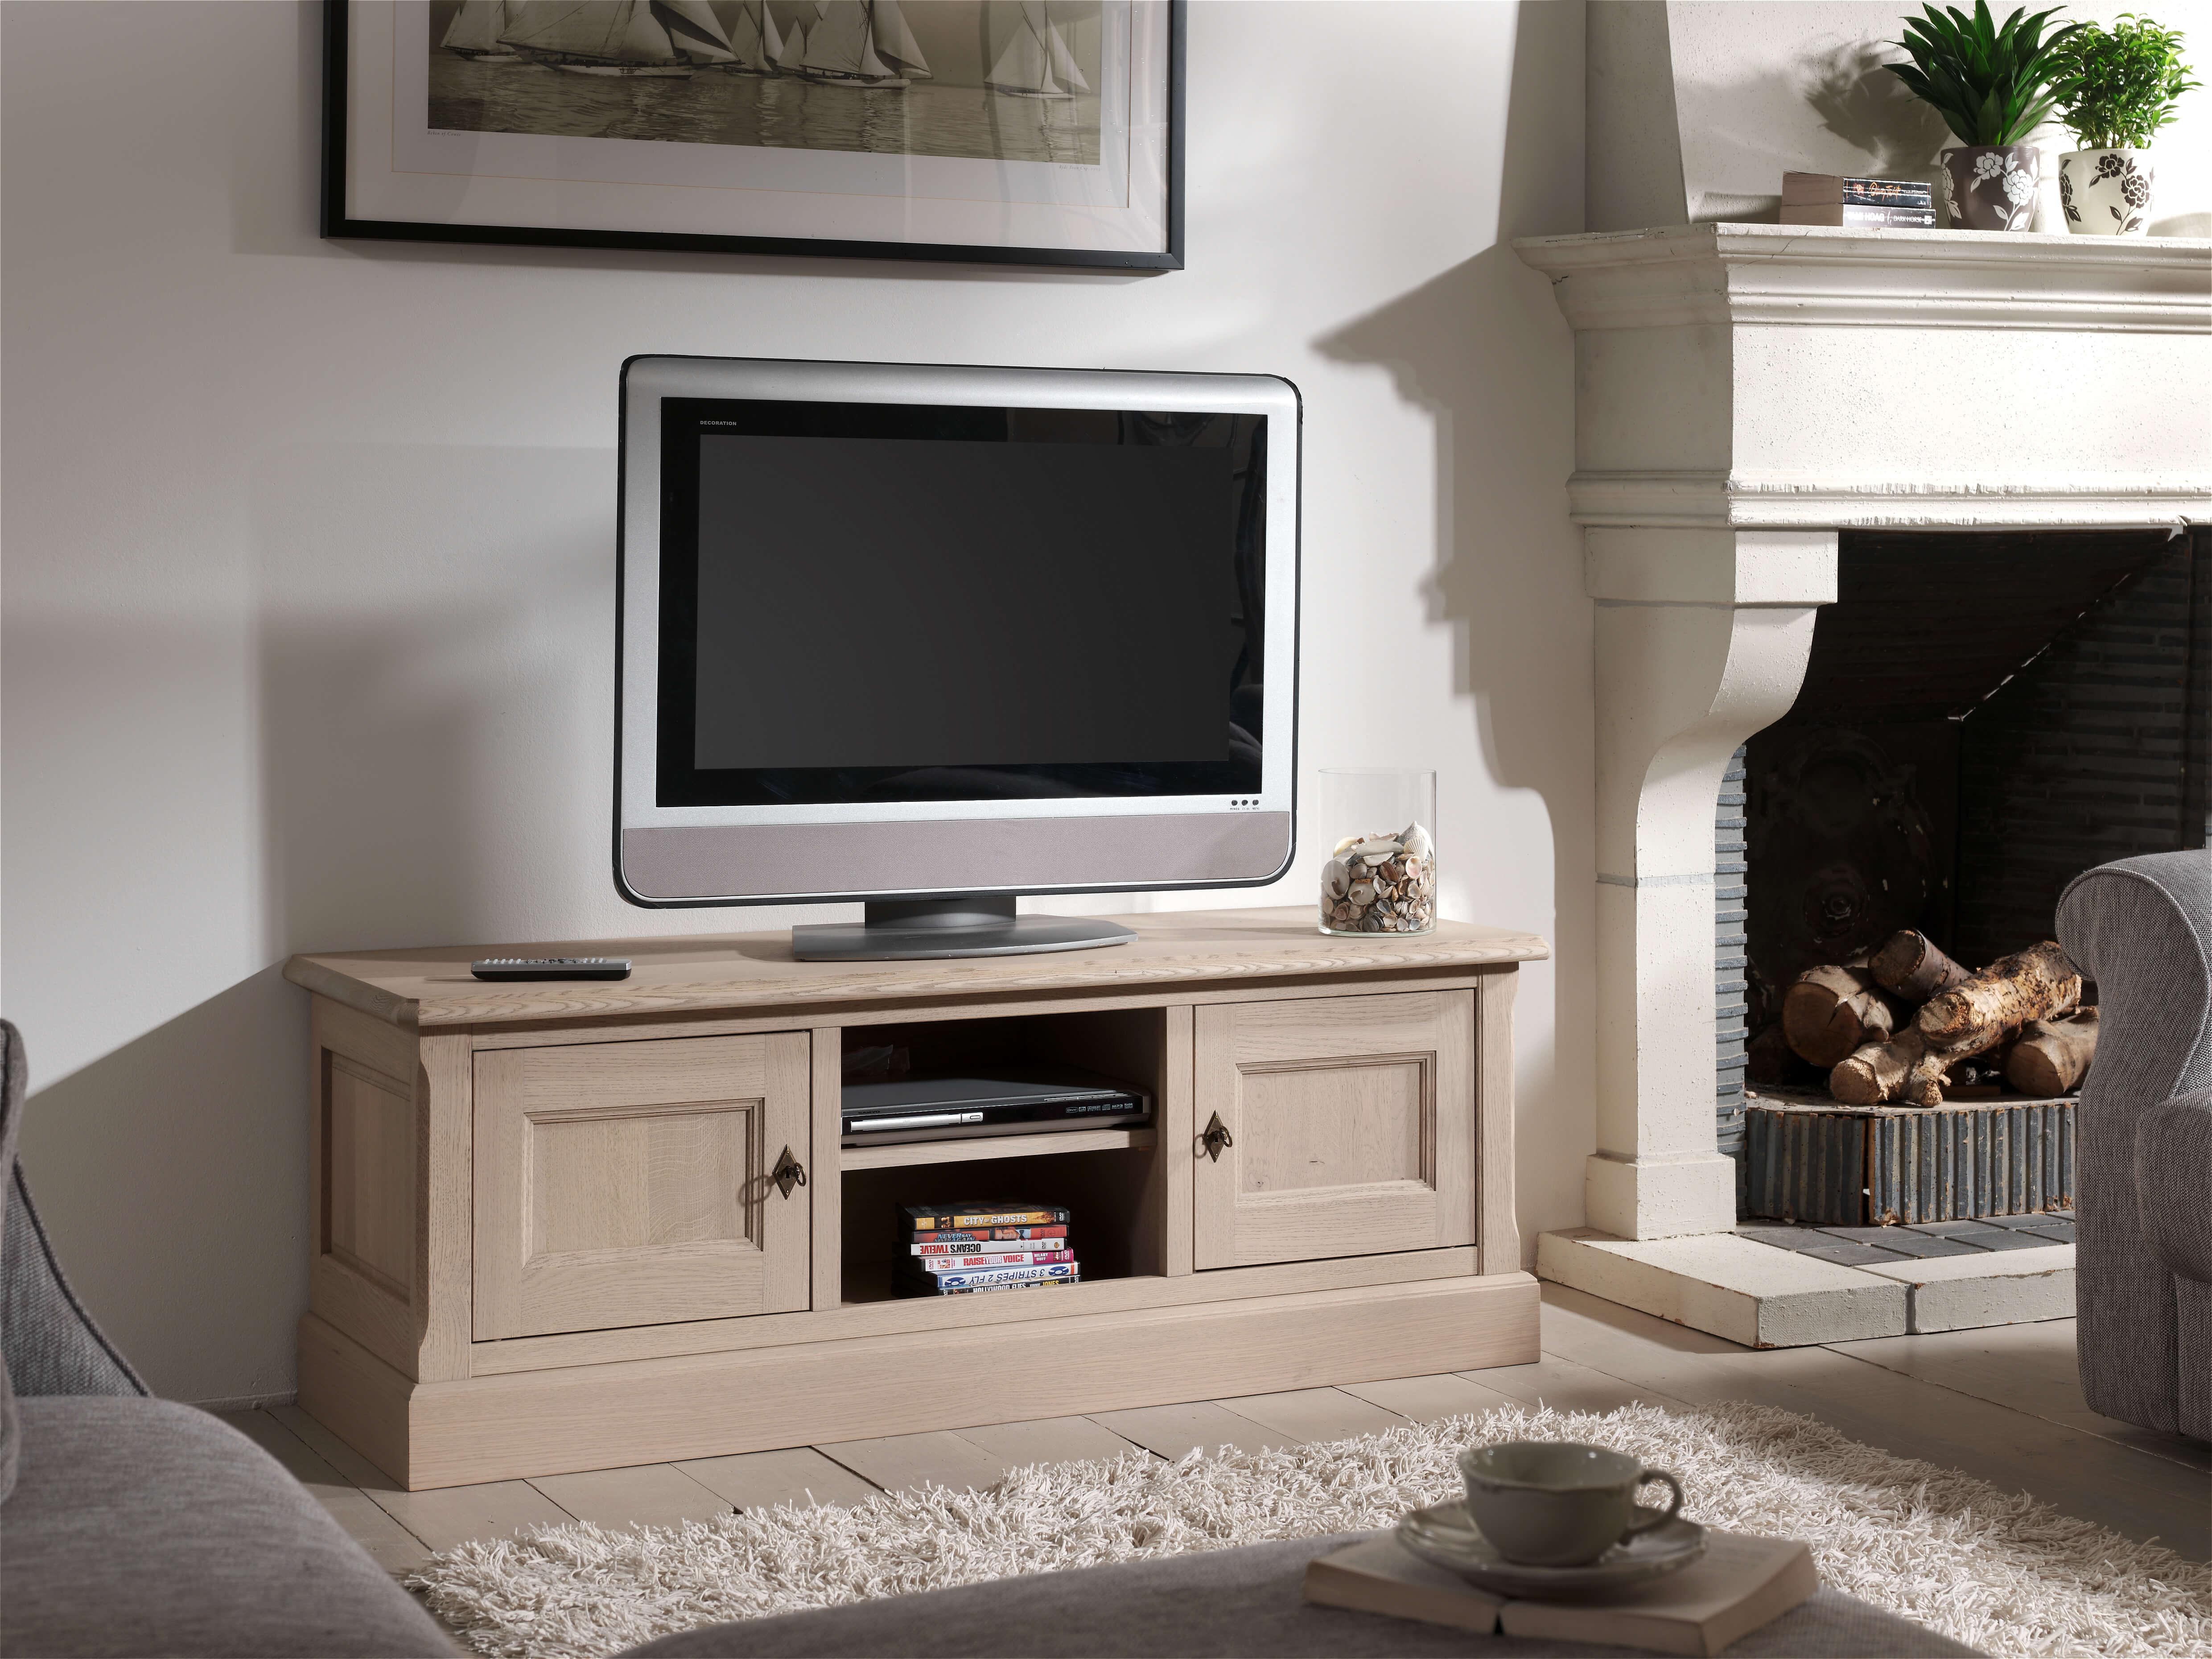 Pastorij stijl tv kasten in eik en diverse kleuren